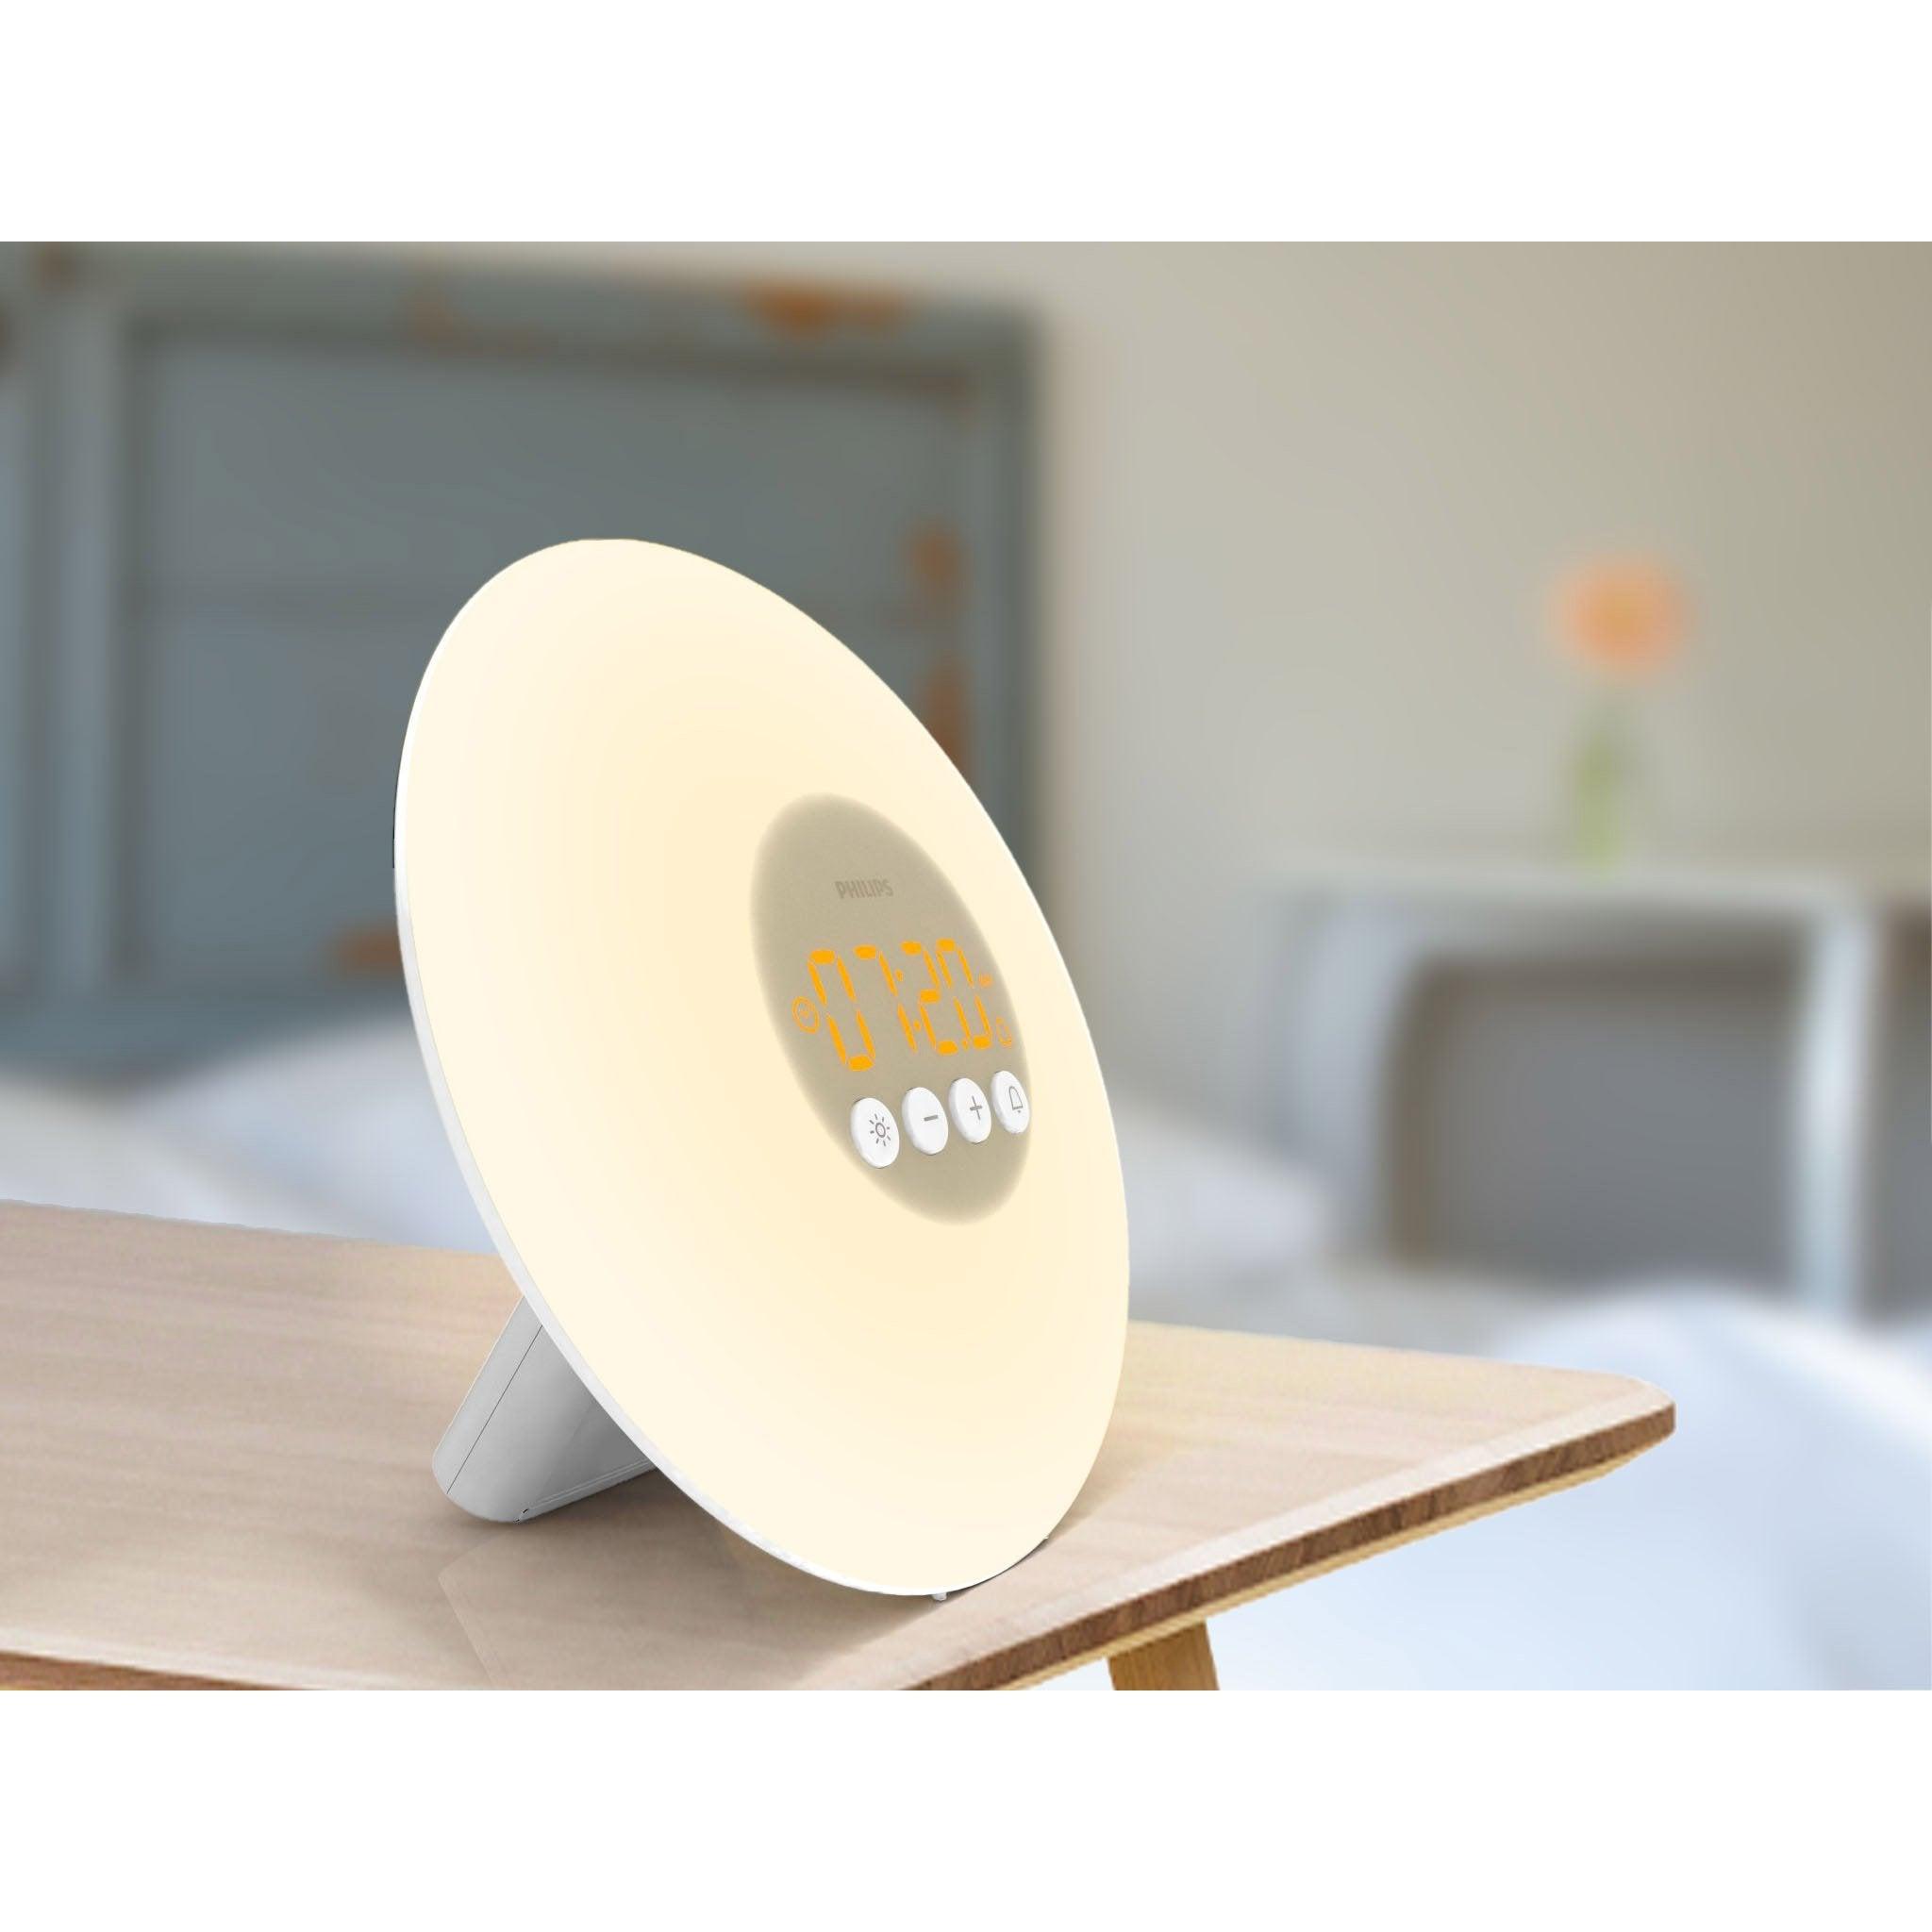 Lumière Levé Réglages Éveil Philips Simulateur De 10 Soleil Lampe Led thQosBrdCx